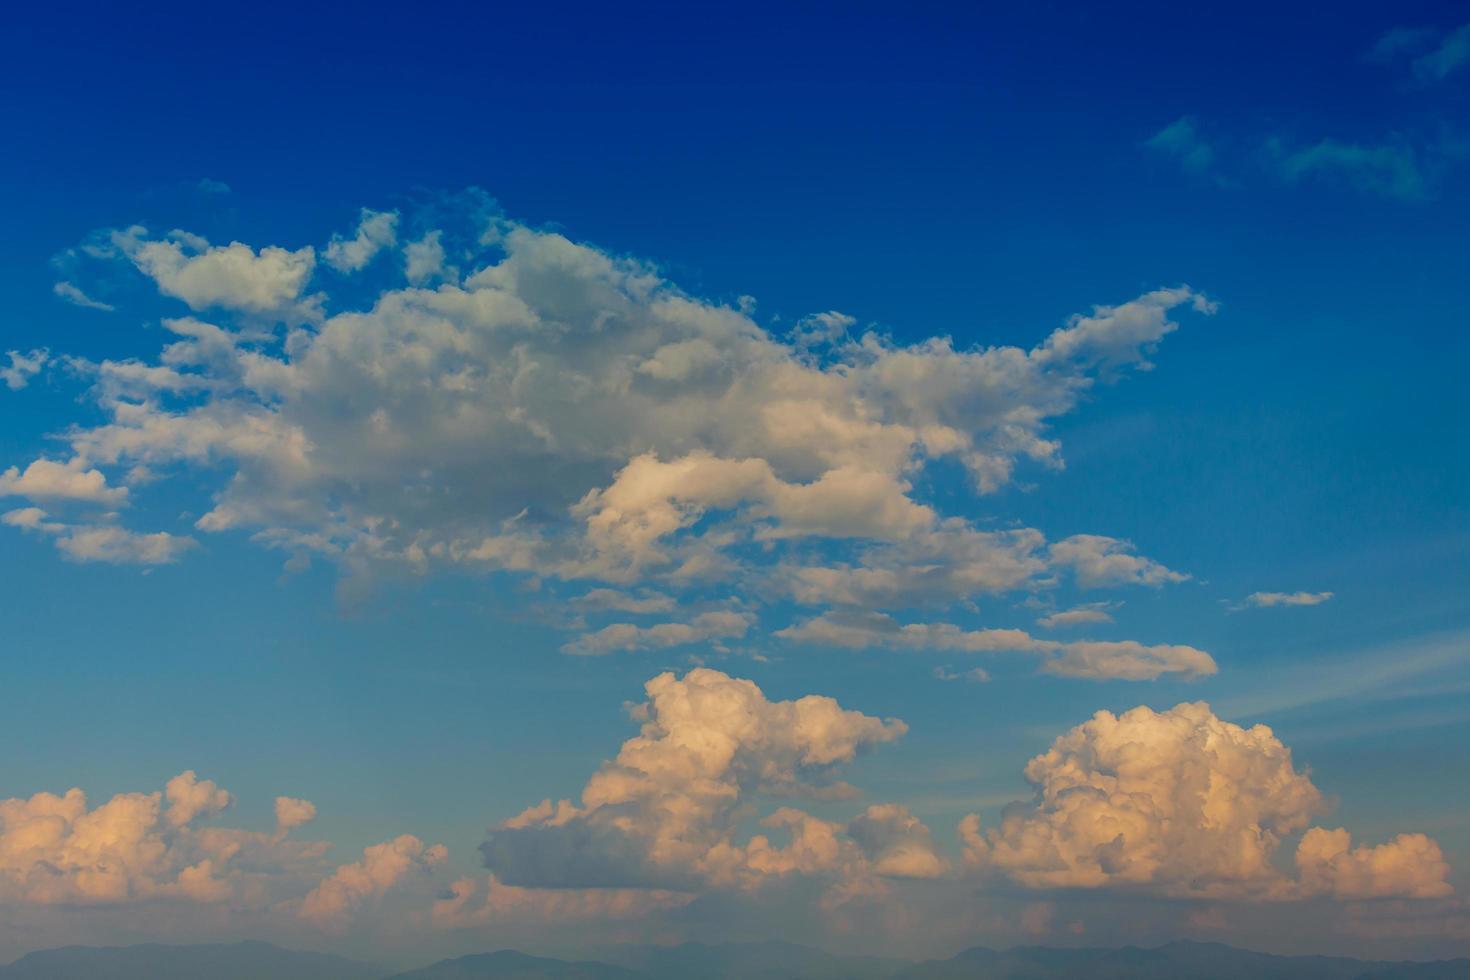 céu azul e nuvens em movimento foto